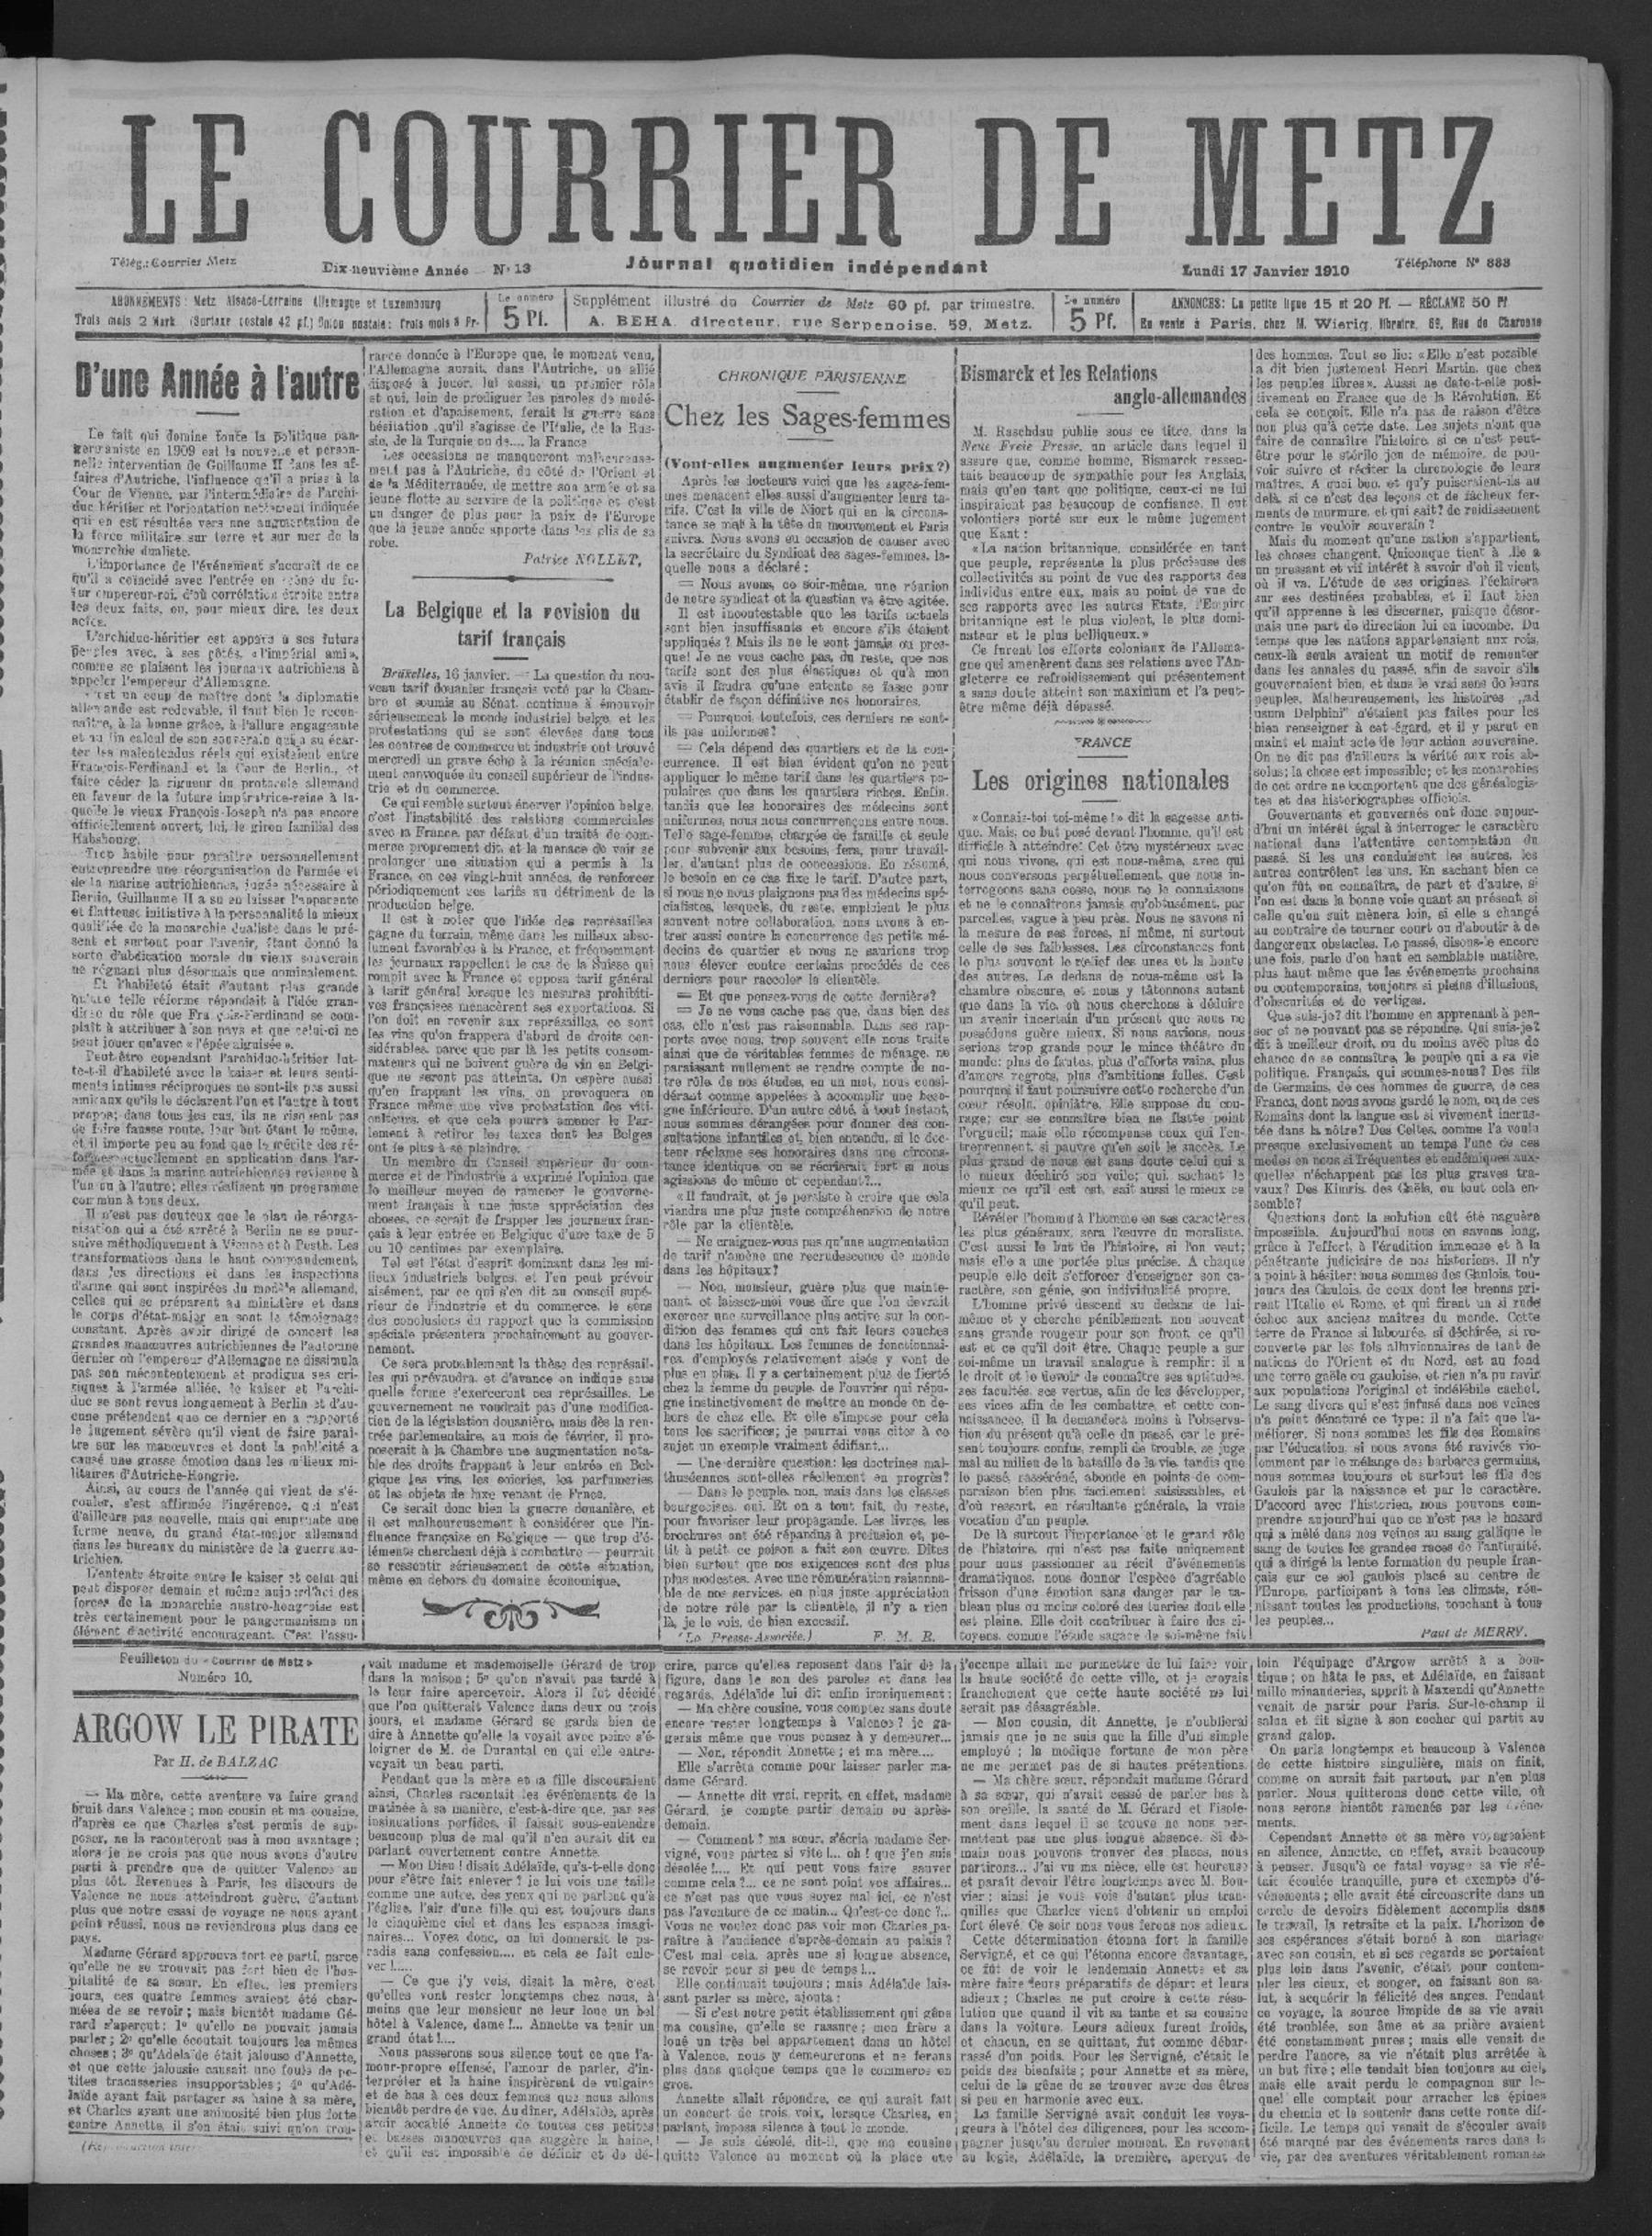 Contenu du Le Courrier de Metz: Journal quotidien indépendant